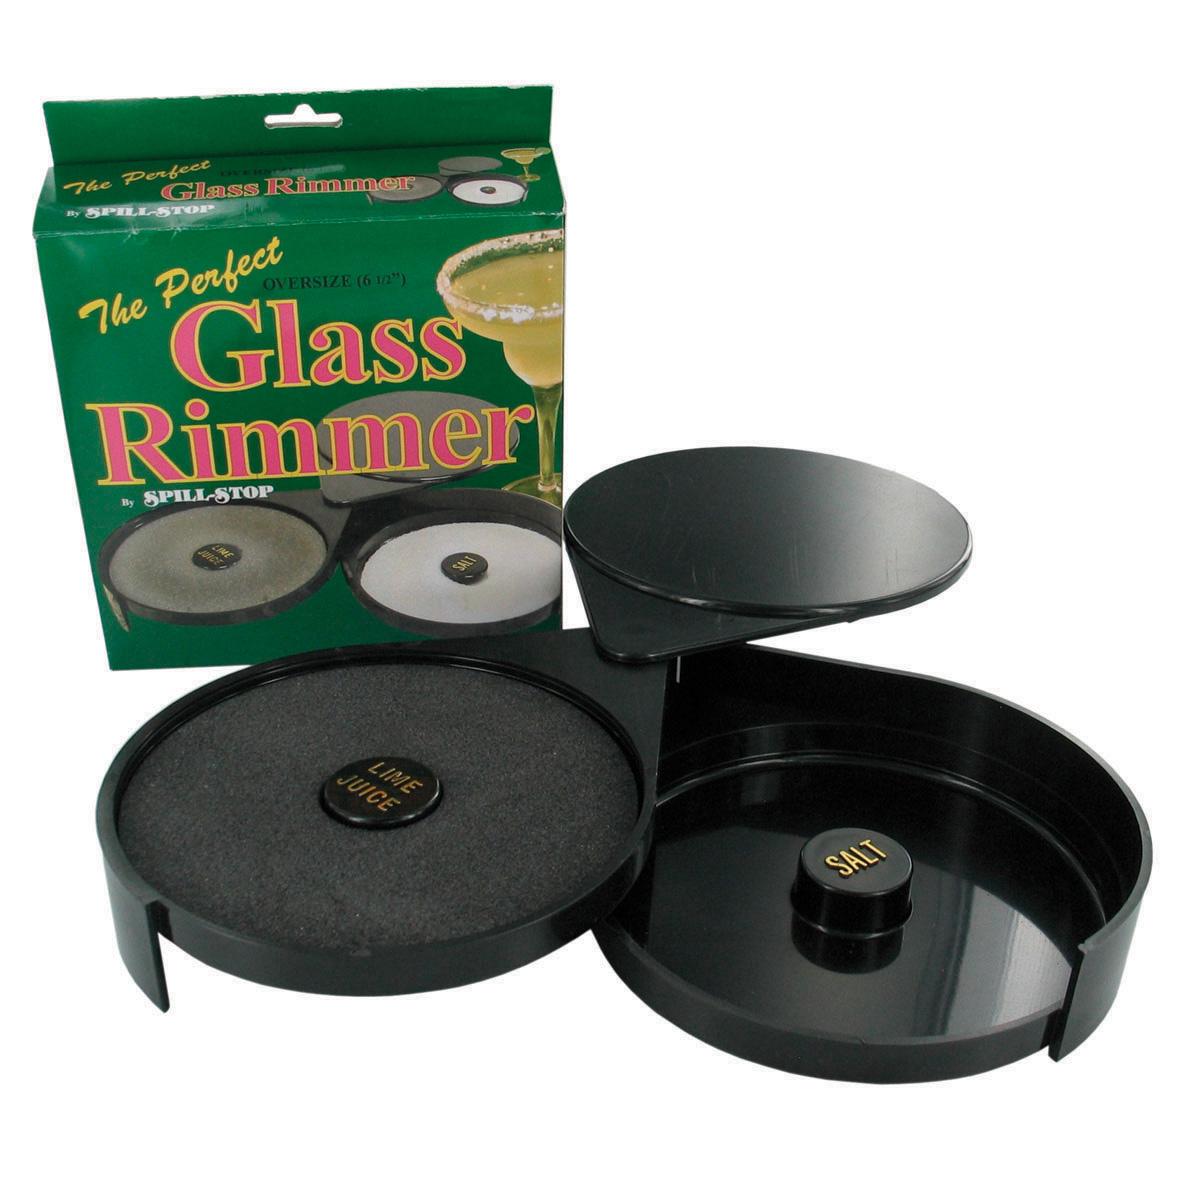 Spill-Stop 442-00 margarita glass rimmer